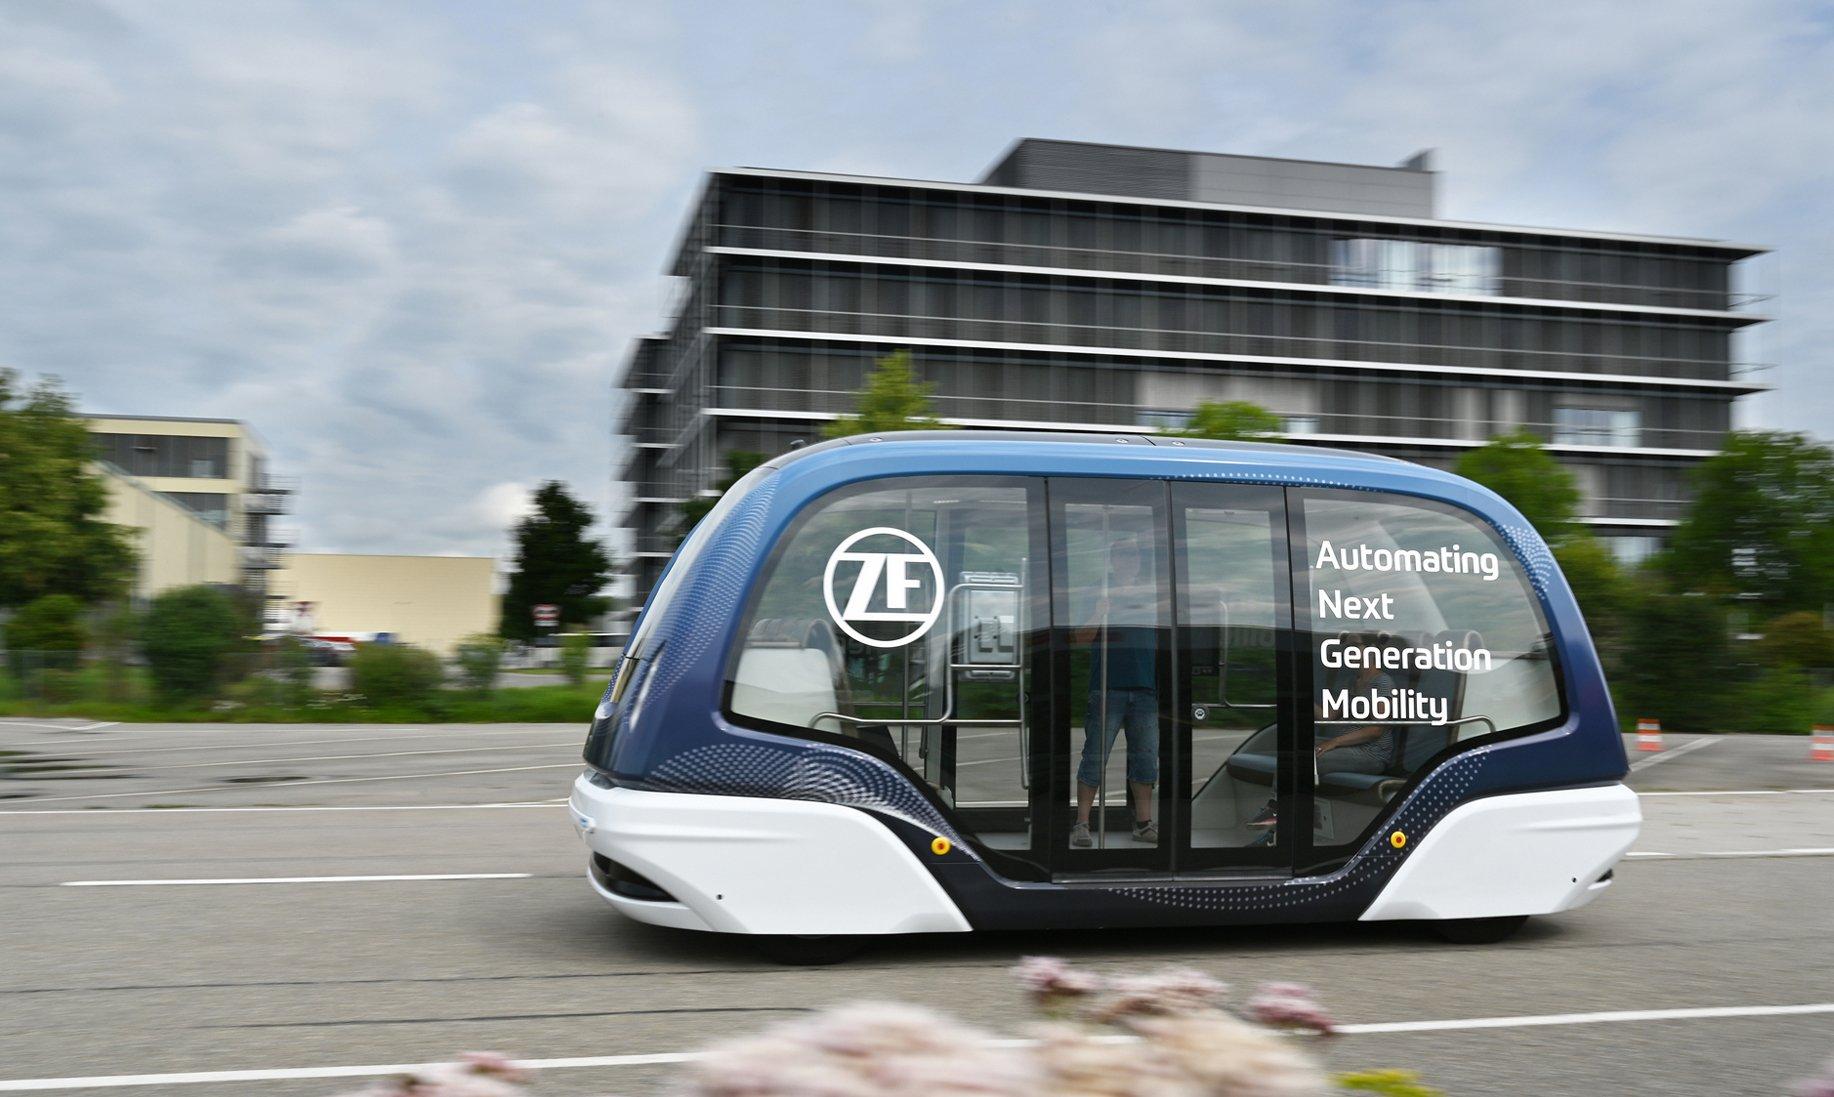 ZF desenvolve tecnologia autônoma para o transporte de passageiros